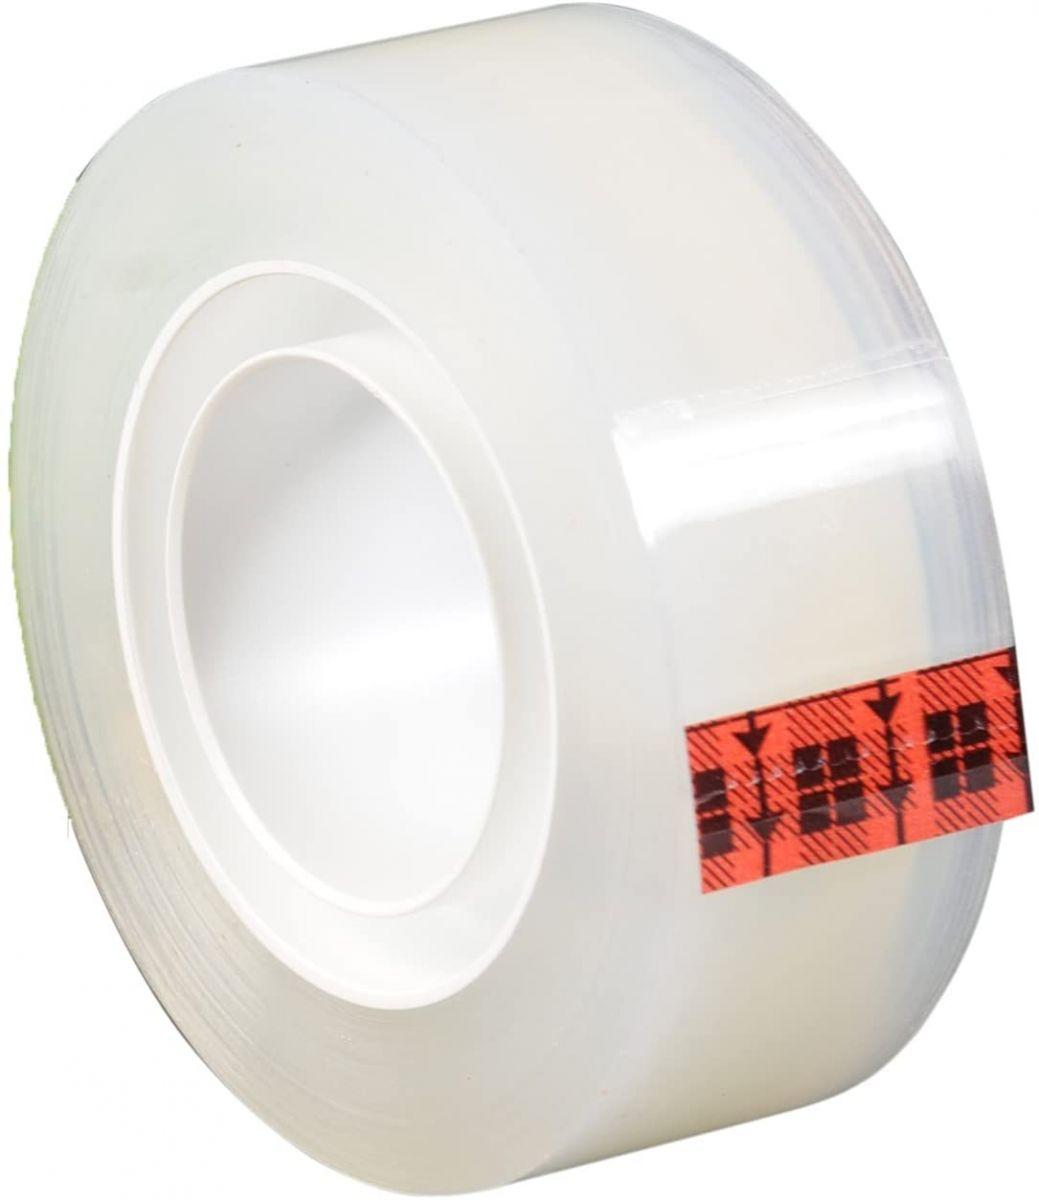 Băng dính 2 mặt trong suốt được sử dụng khi đóng gói hàng hóa